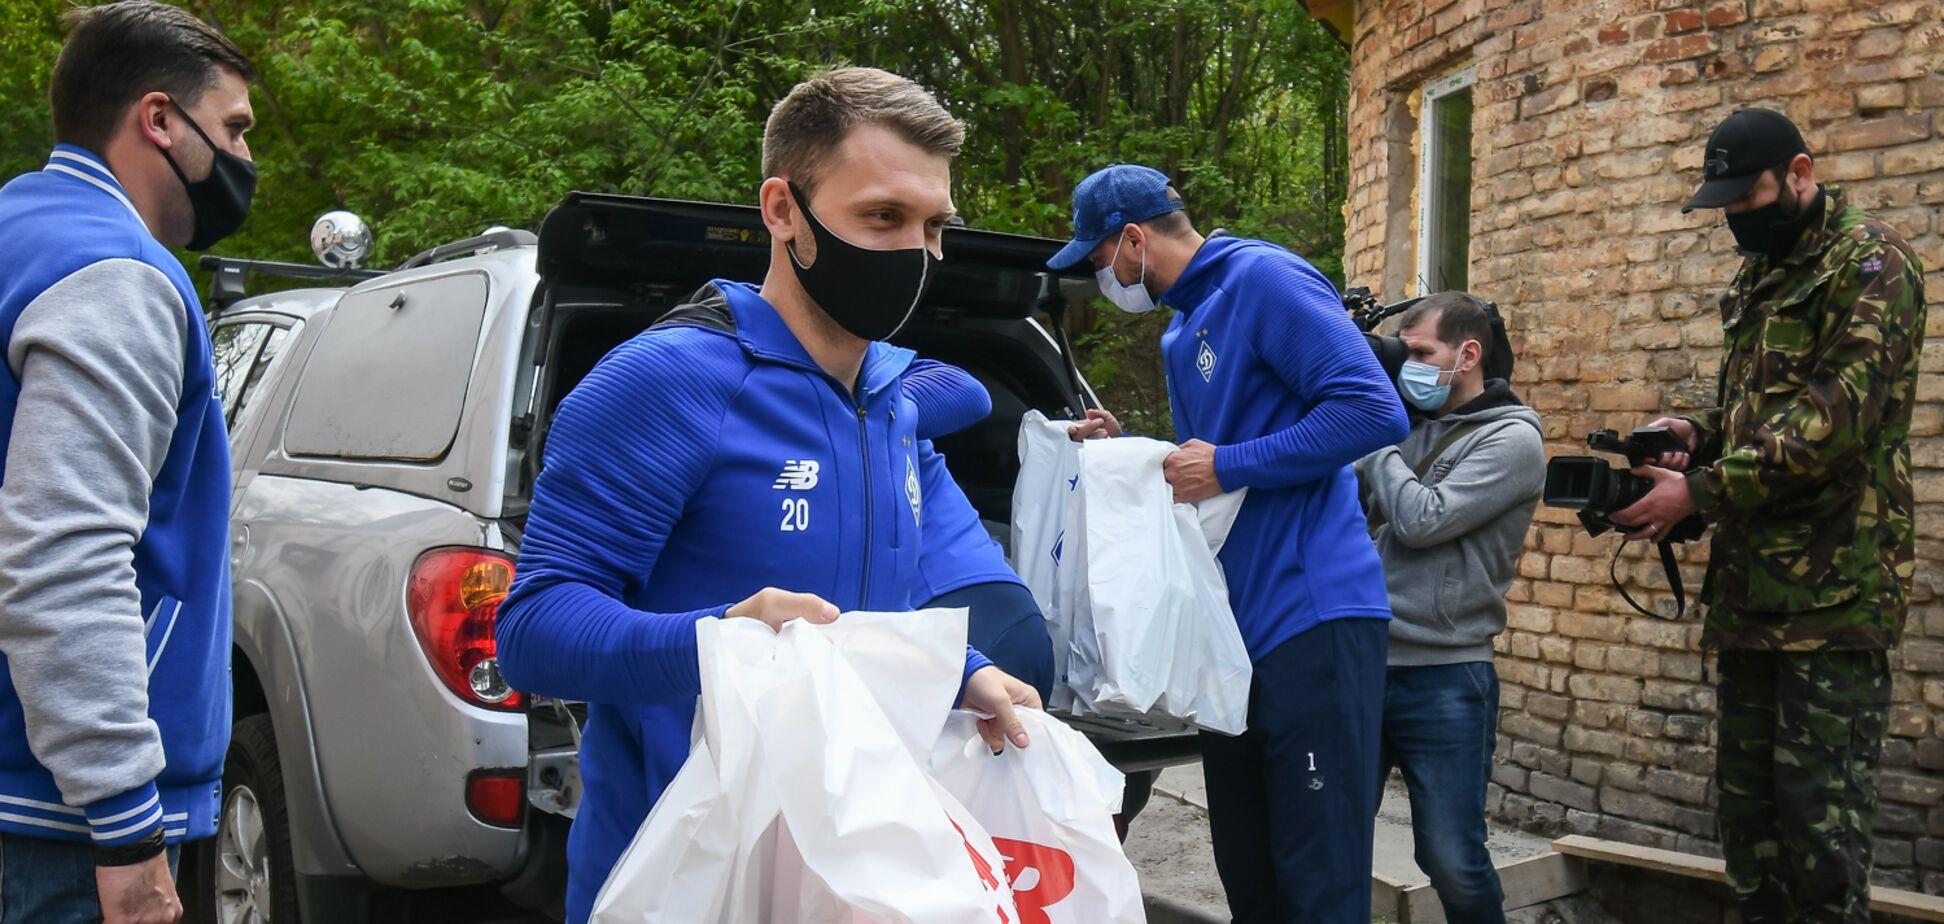 Футболісти 'Динамо' подарунками підтримали в госпіталі поранених воїнів АТО